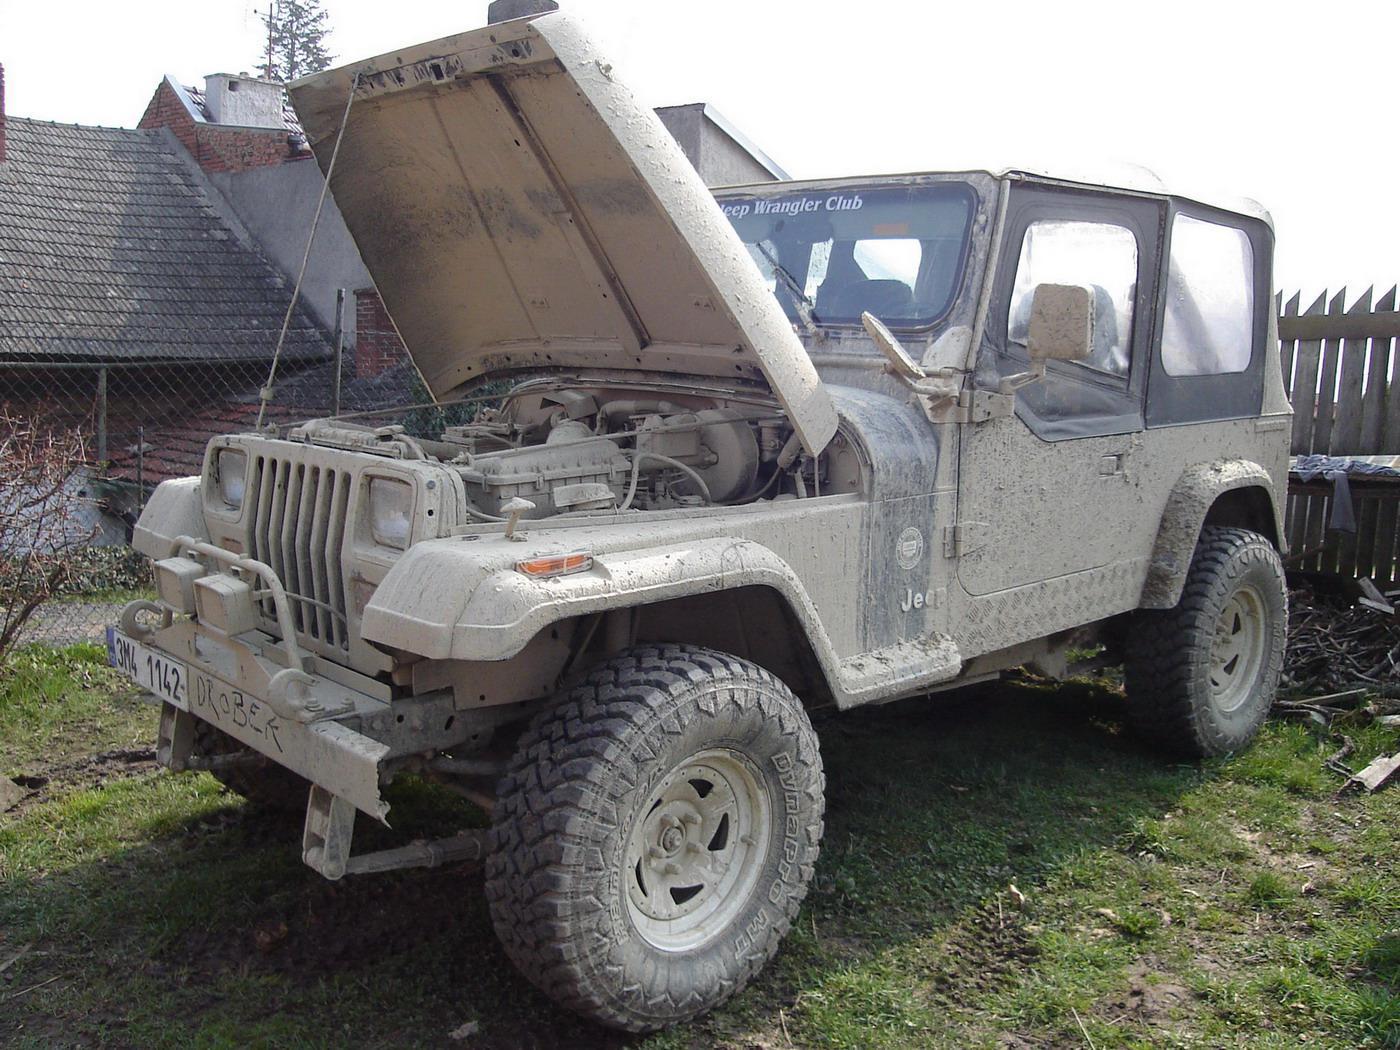 1989 jeep wrangler yj 2 5 benz n 87 kw 220 nm. Black Bedroom Furniture Sets. Home Design Ideas